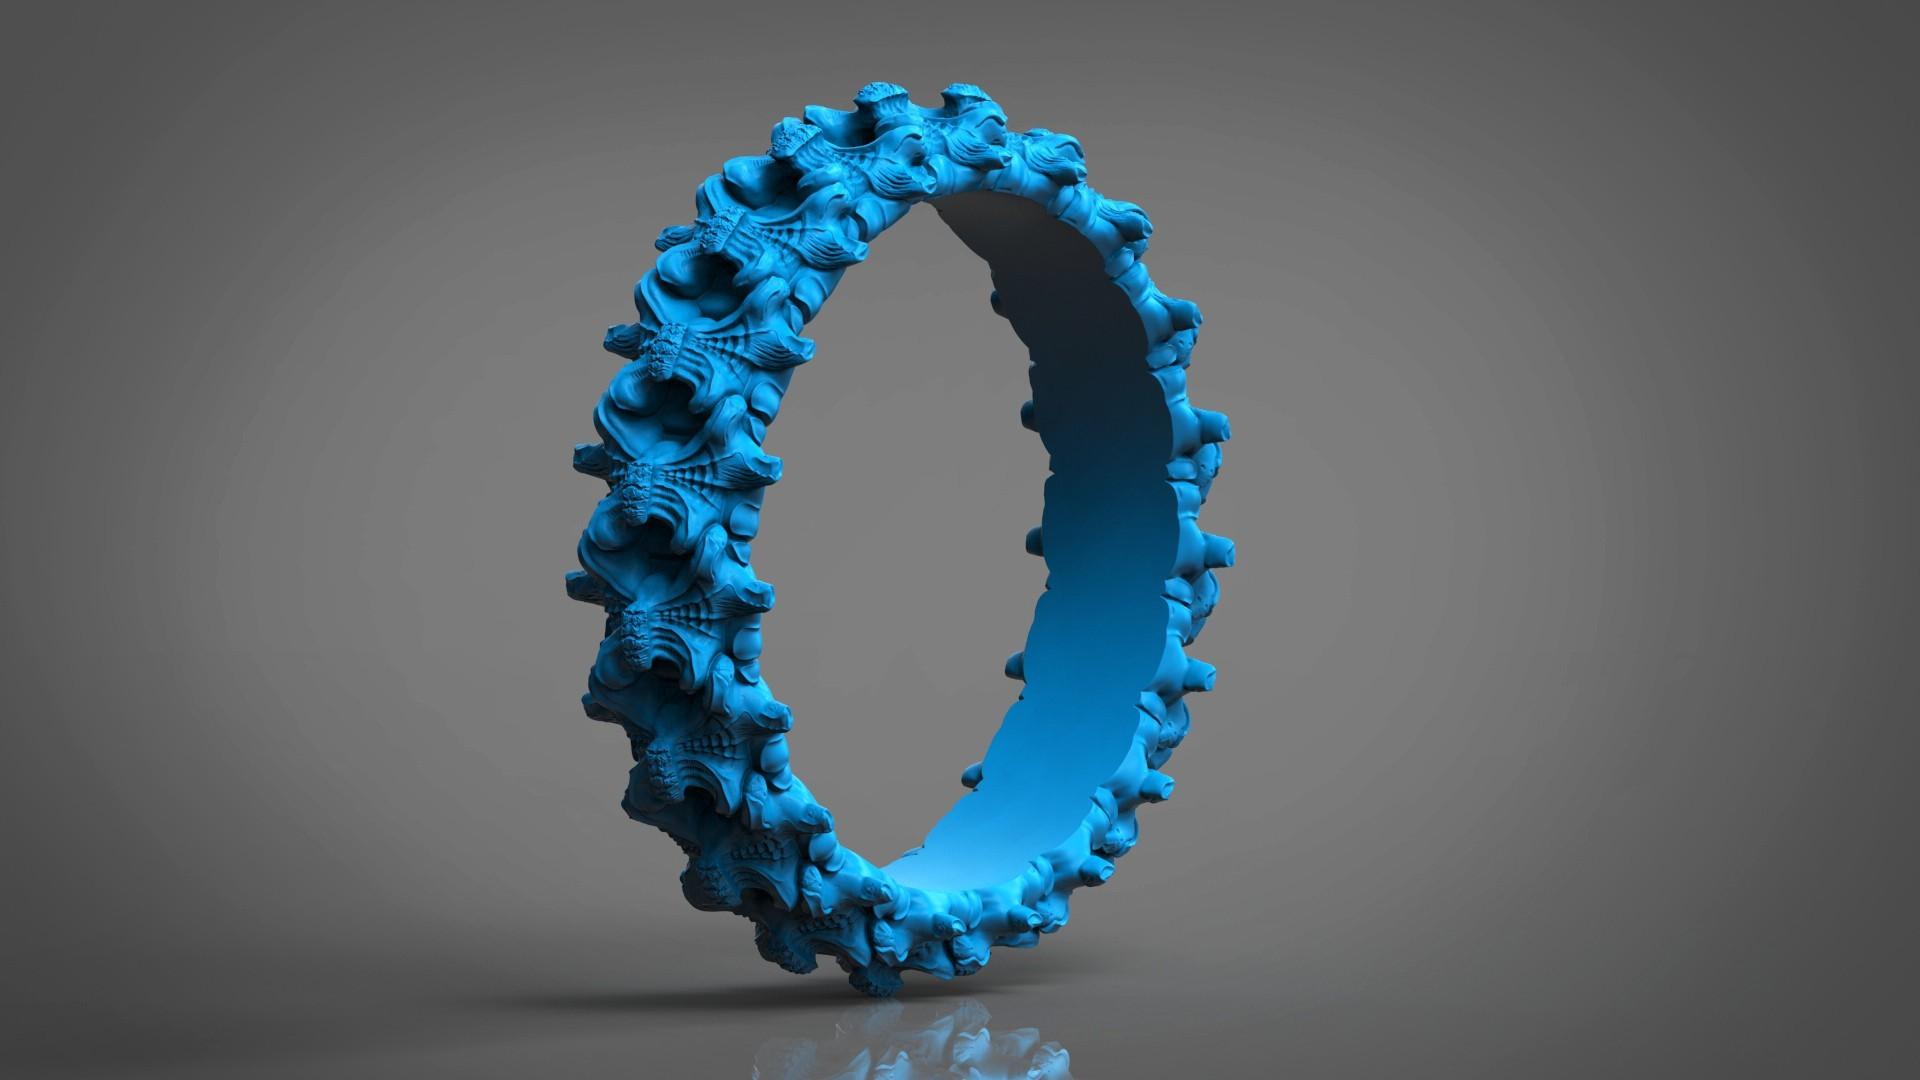 8.jpg Download OBJ file Biomechanical Ring - SpineRing  • 3D print object, Roman_Kharikov